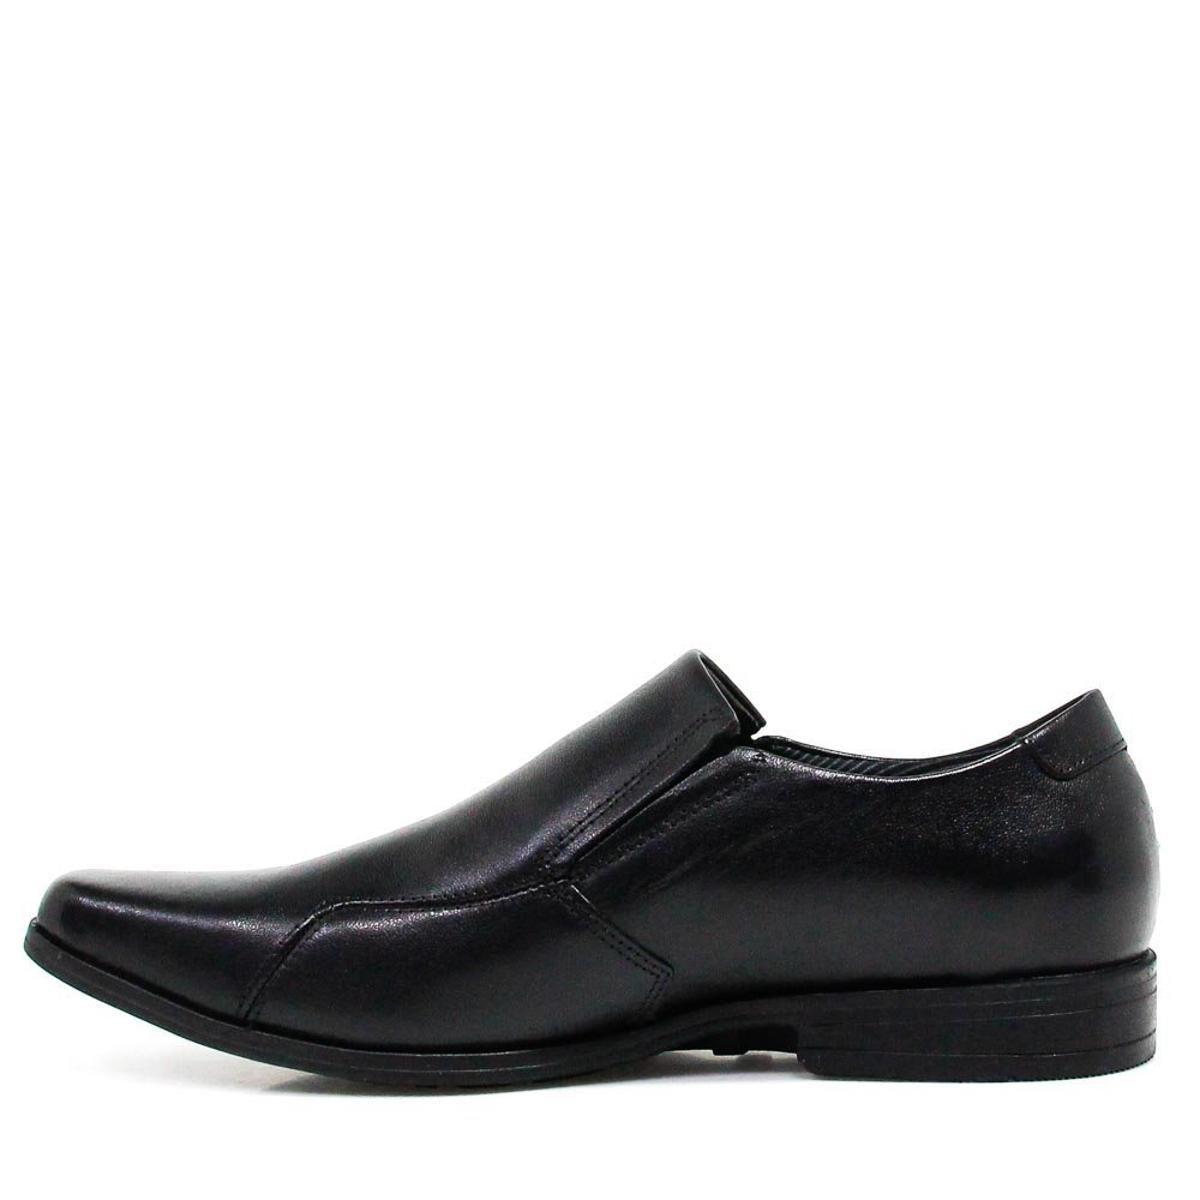 a9141e7baf Sapato Social Couro Ferracini Masculino - Preto - Compre Agora